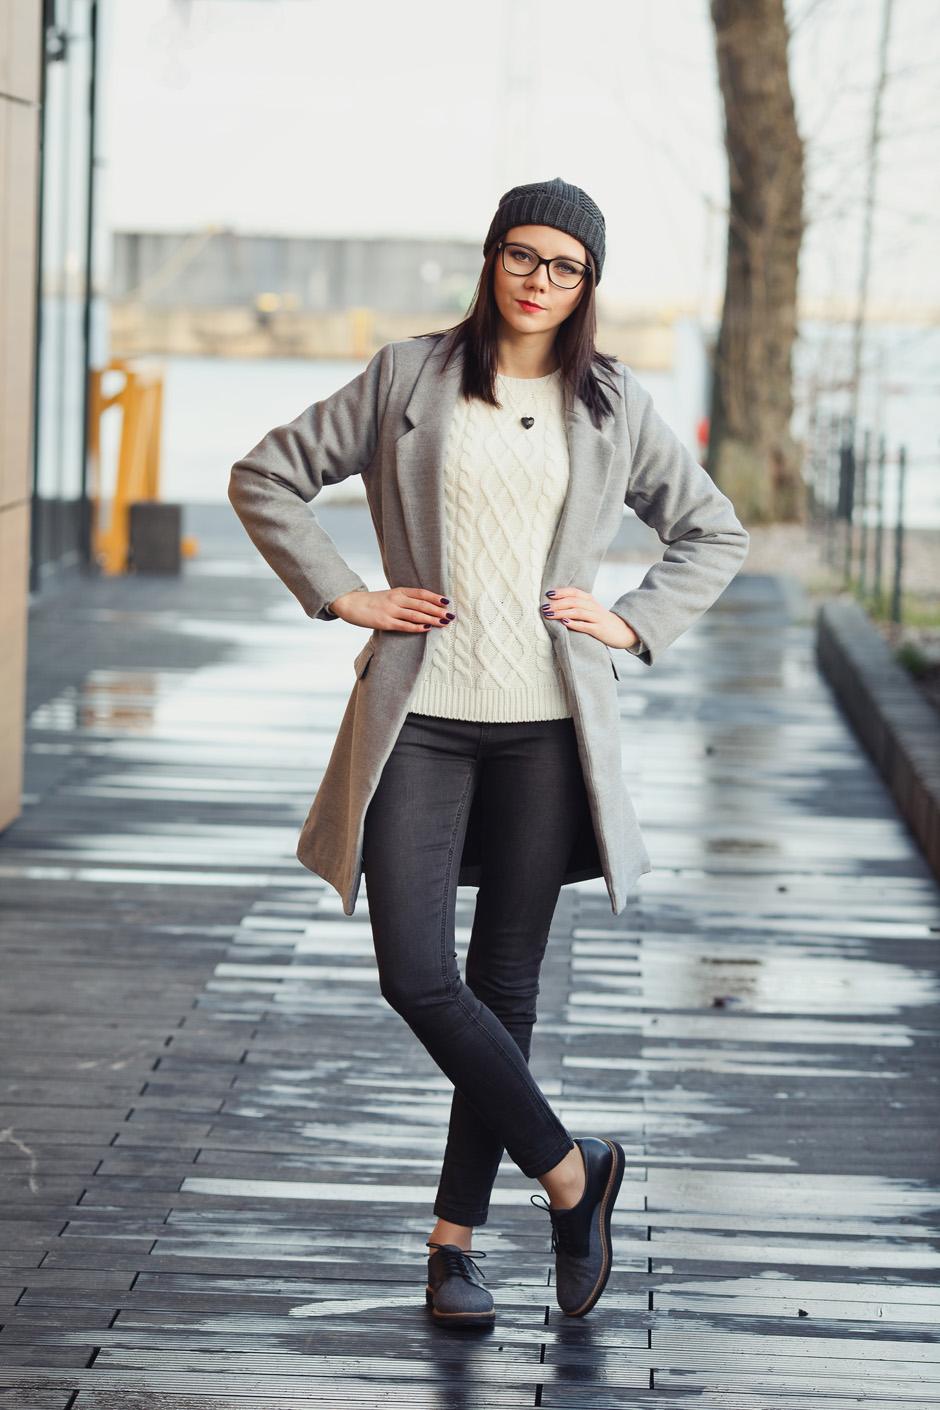 zimowa-stylizacja-filcowe-buty-clarks-bialy-sweter-i-wisior-z-wegla-13